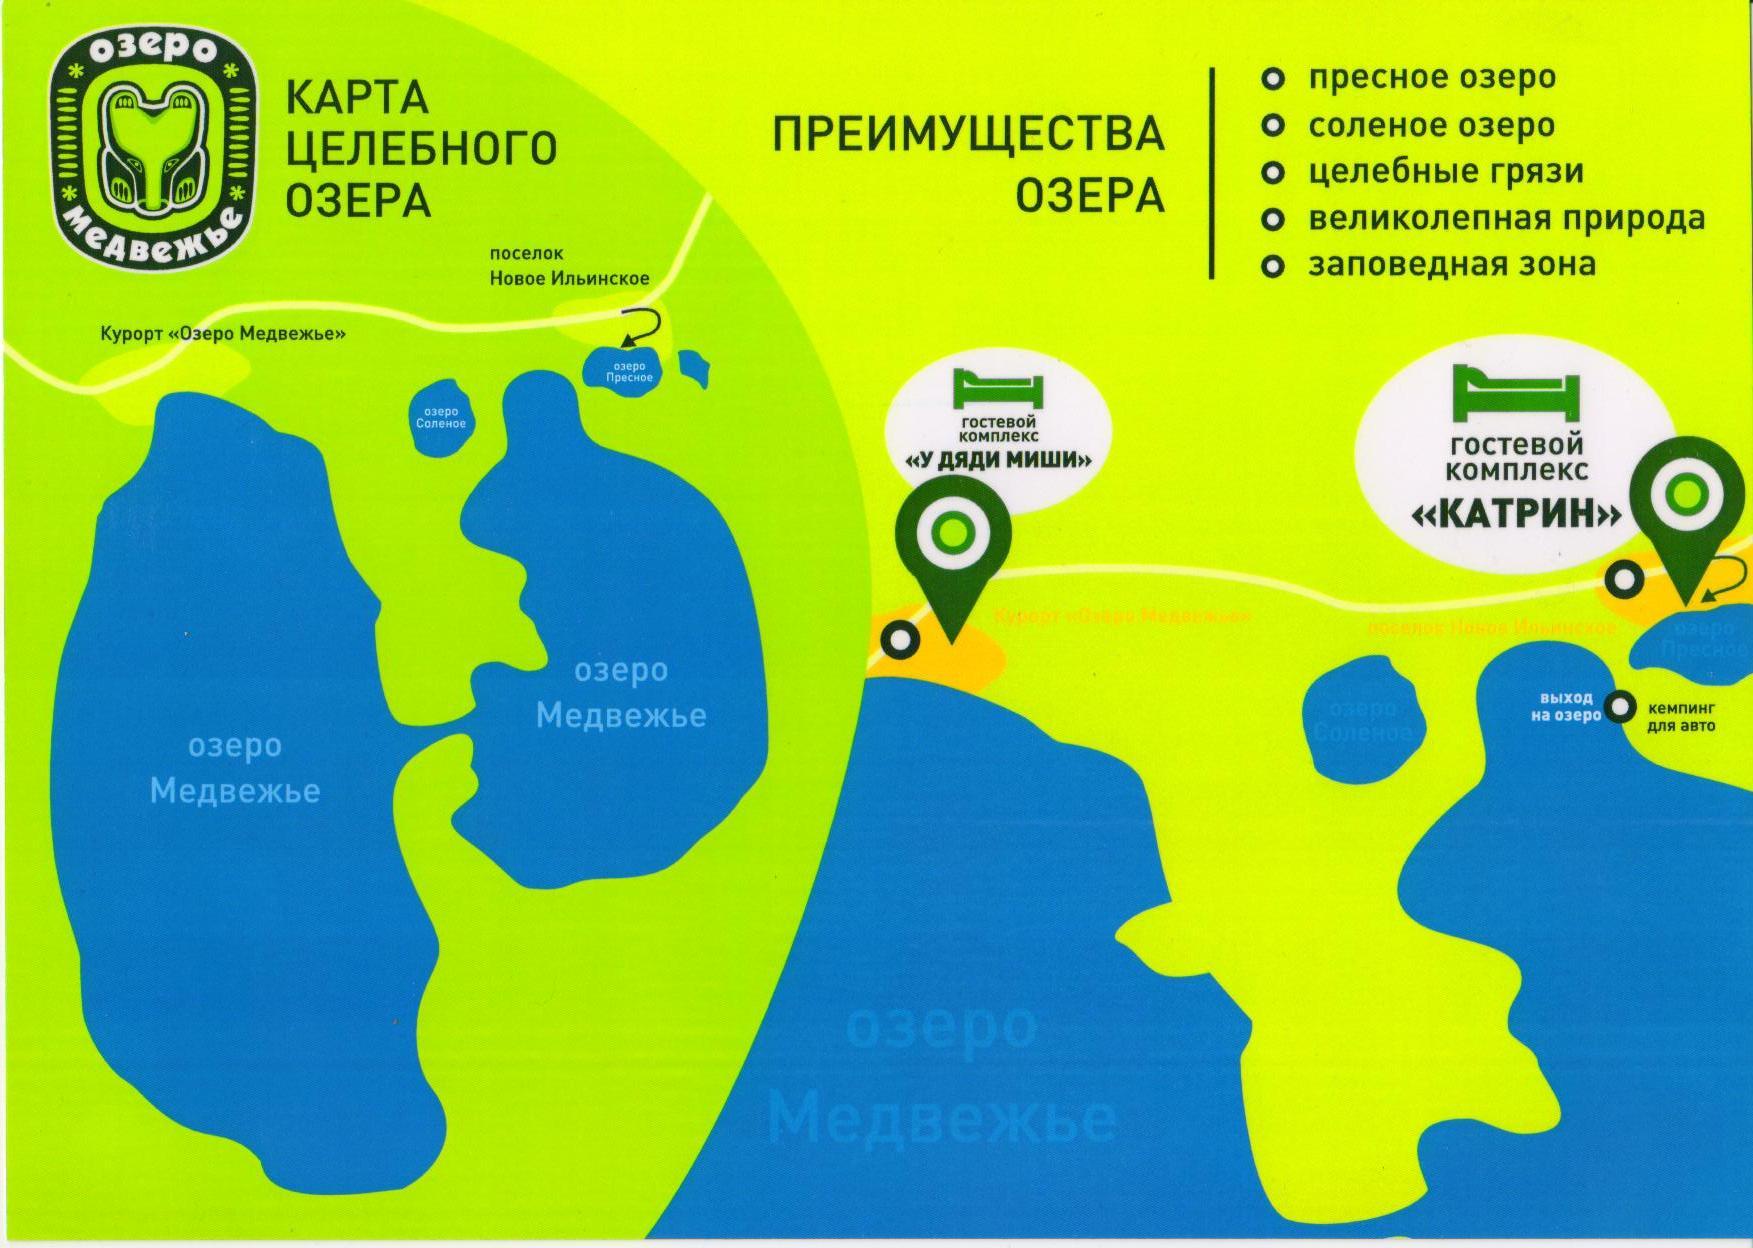 Карта курорта озеро Медвежье, Автобусные туры на соленое озеро Медвежь